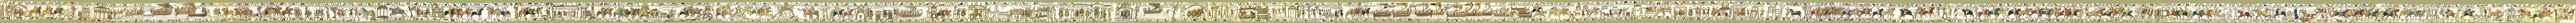 la plena tapiŝo de Bayeux